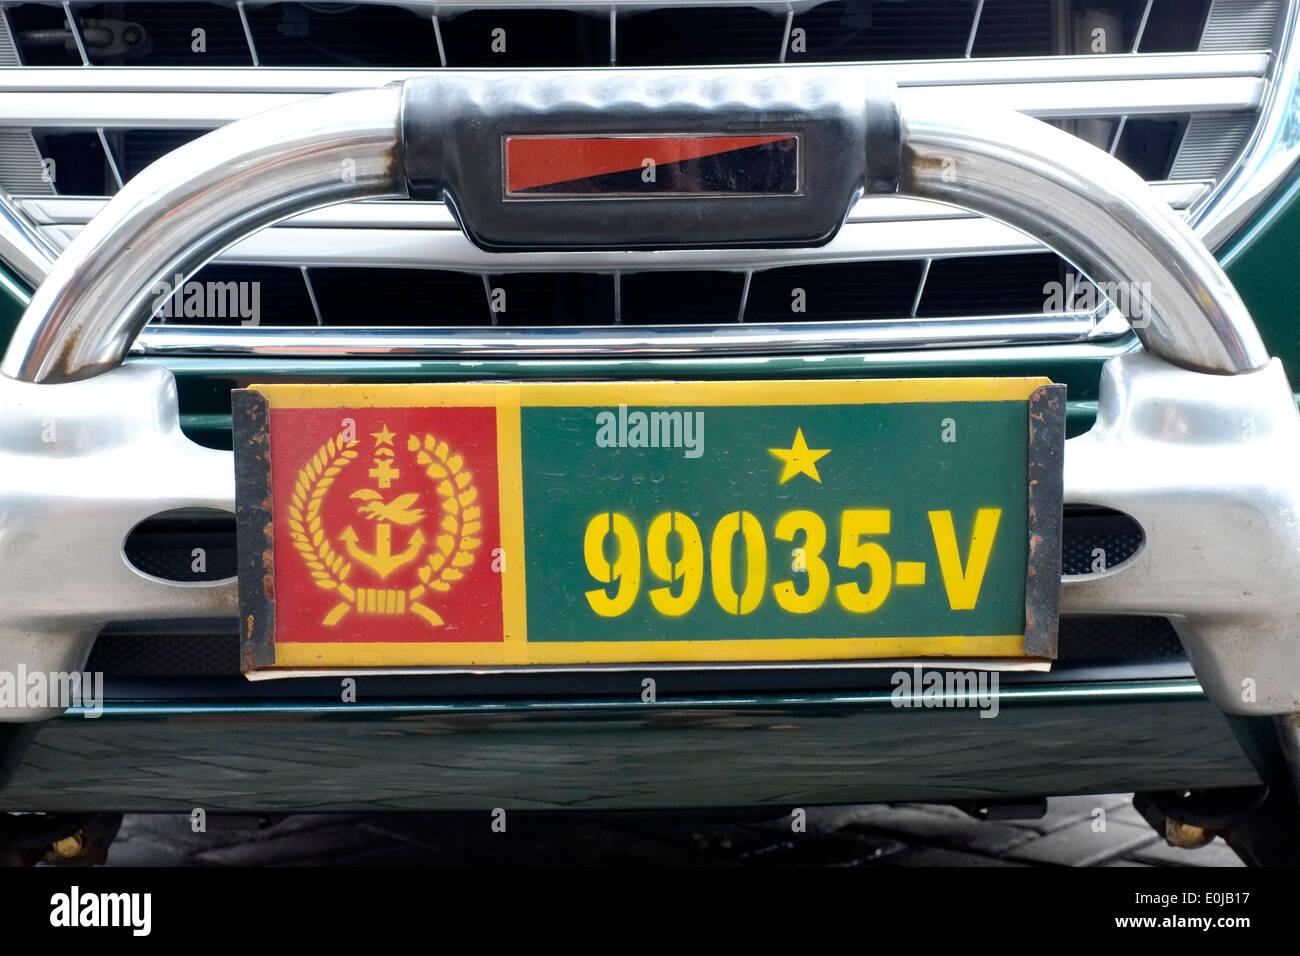 Militärfahrzeug Lizenz Nummernschild befestigt Fahrzeug in Ost-Java ...